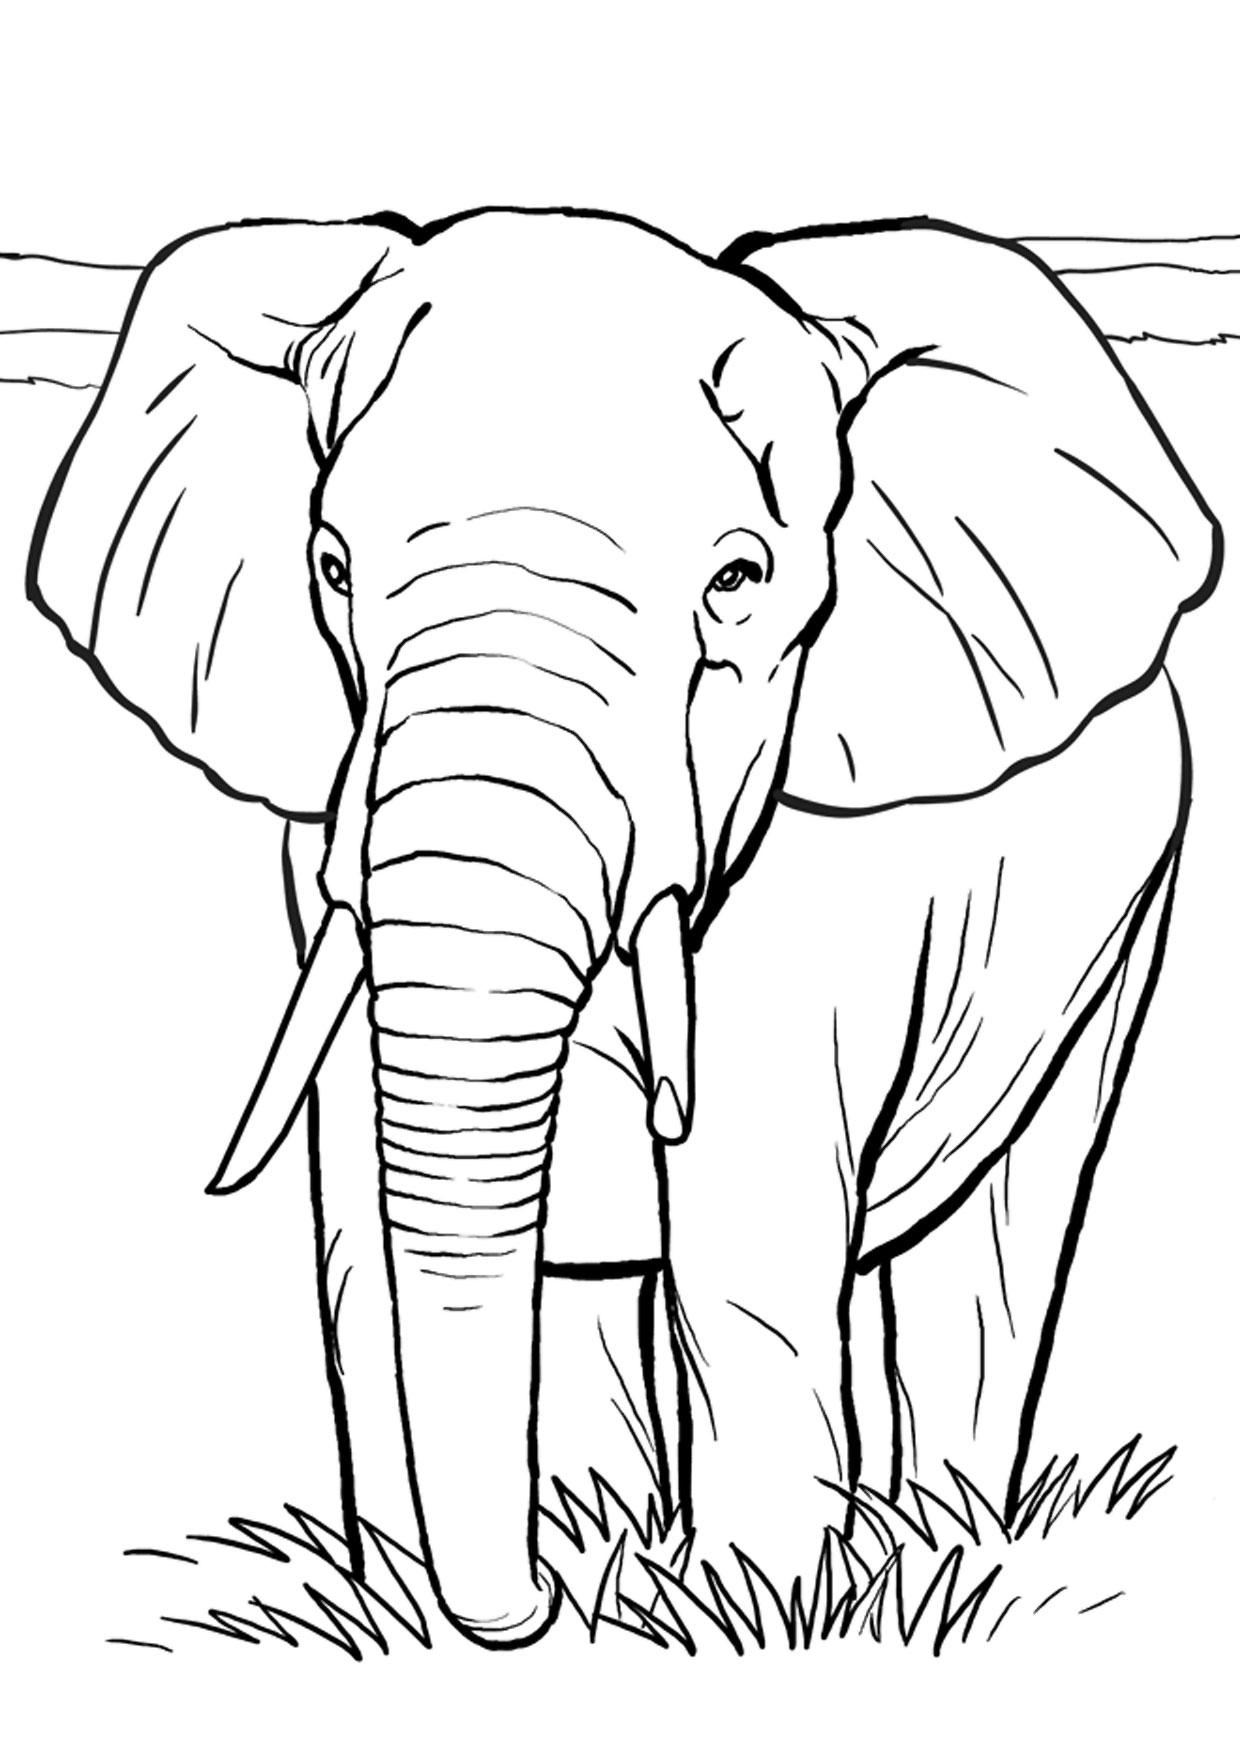 Disegno di elefanti da colorare 27